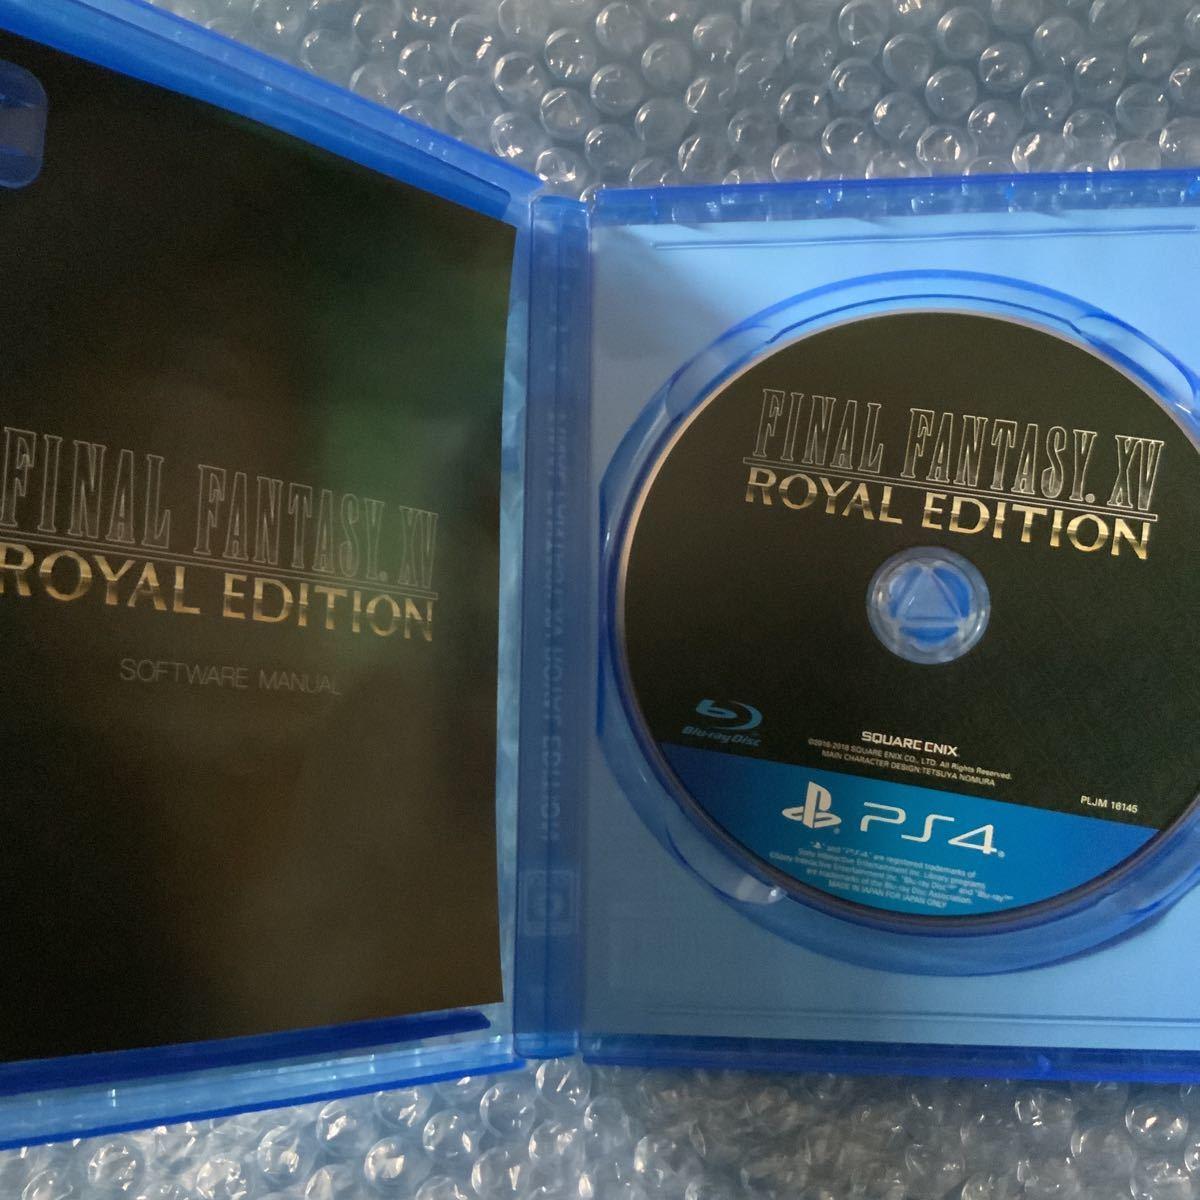 ファイナルファンタジー15 ロイヤルエディション FINAL FANTASY XV ROYAL EDITION FF15 PS4ソフト_画像3